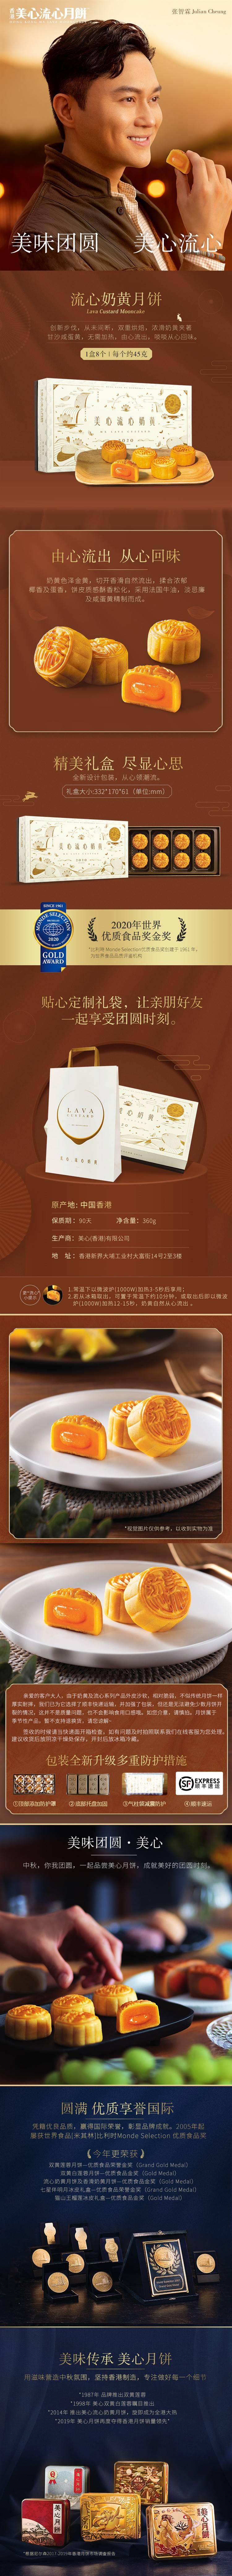 【香港美心月饼】全国包邮,288元抢美心流心奶黄月饼一盒,连续20年香港销售冠军,好吃戒不掉~